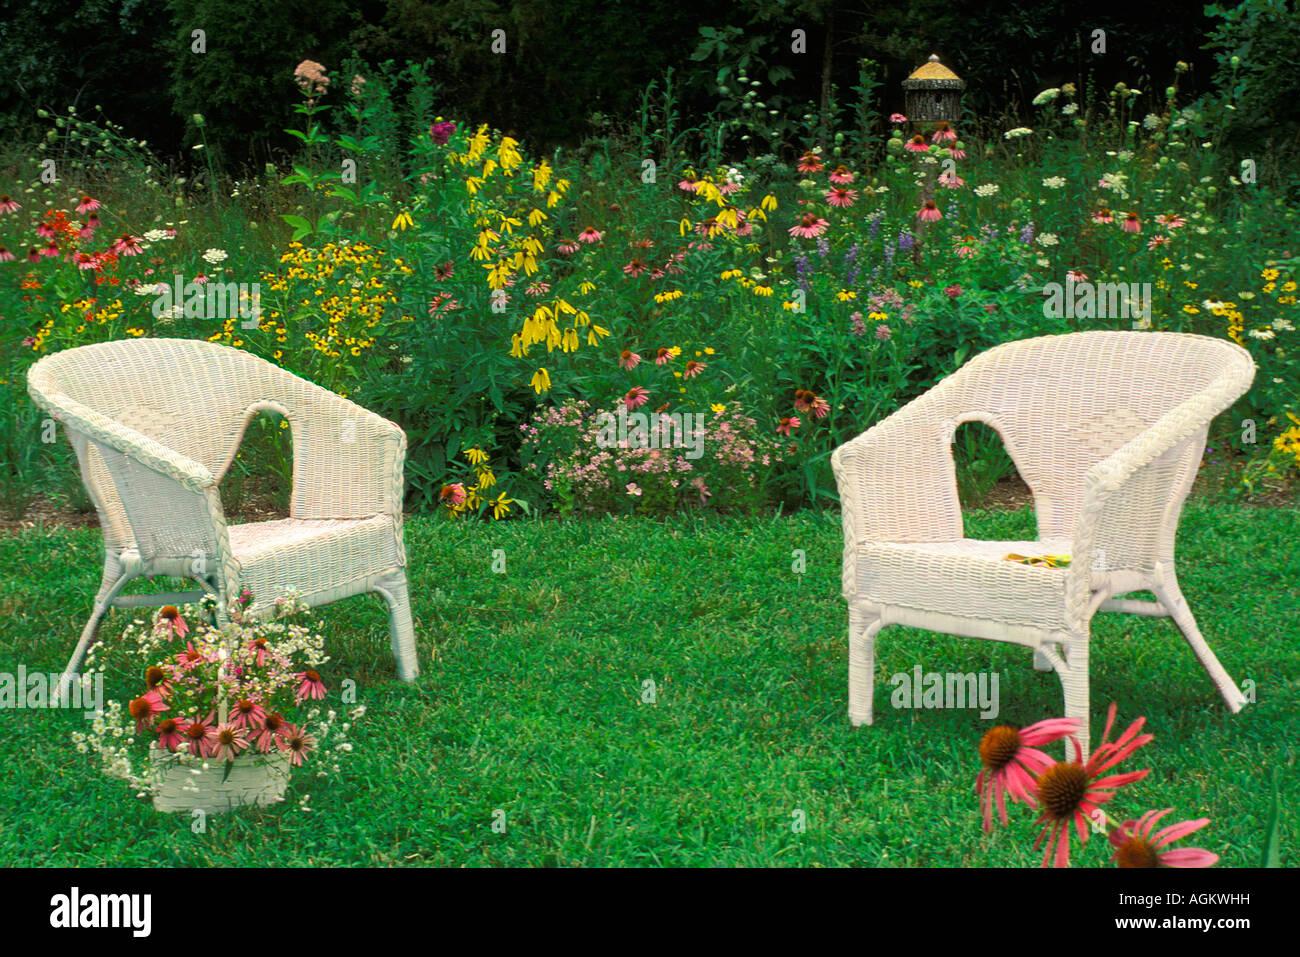 zwei wei e korbsessel vor einheimischen wildblumen garten mit bunten vielfalt stockfoto bild. Black Bedroom Furniture Sets. Home Design Ideas